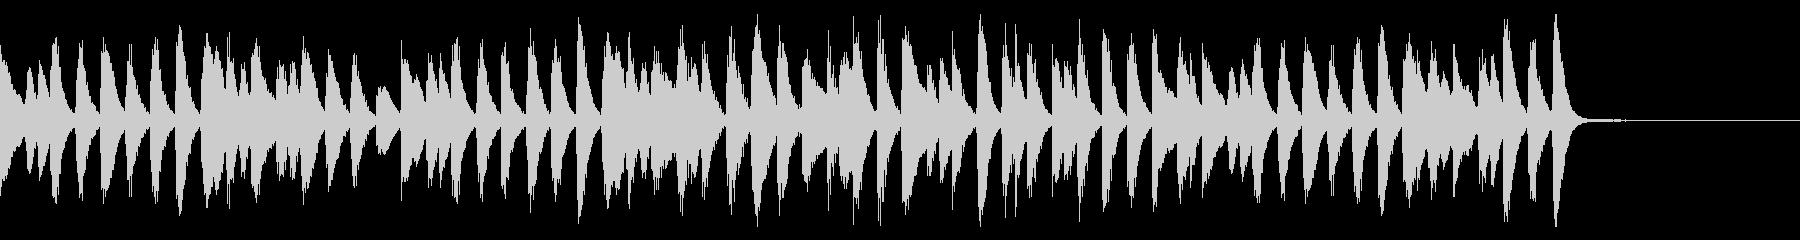 クリスマス定番曲のピアノラグ_短めの未再生の波形